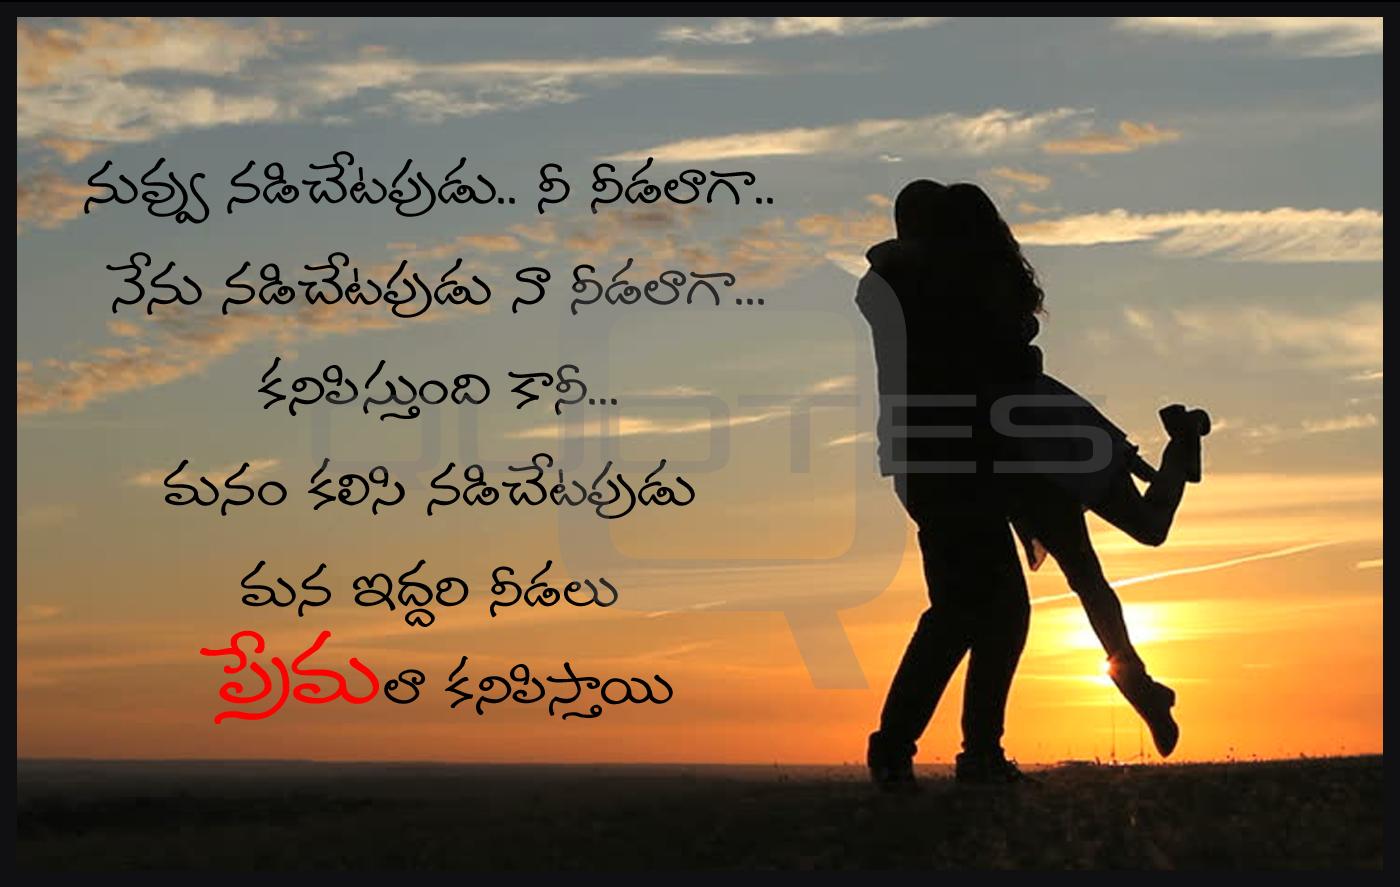 Love Feeling Quotes In Telugu: Romanctic Love Quotes And Feelings Telugu Quotes Images